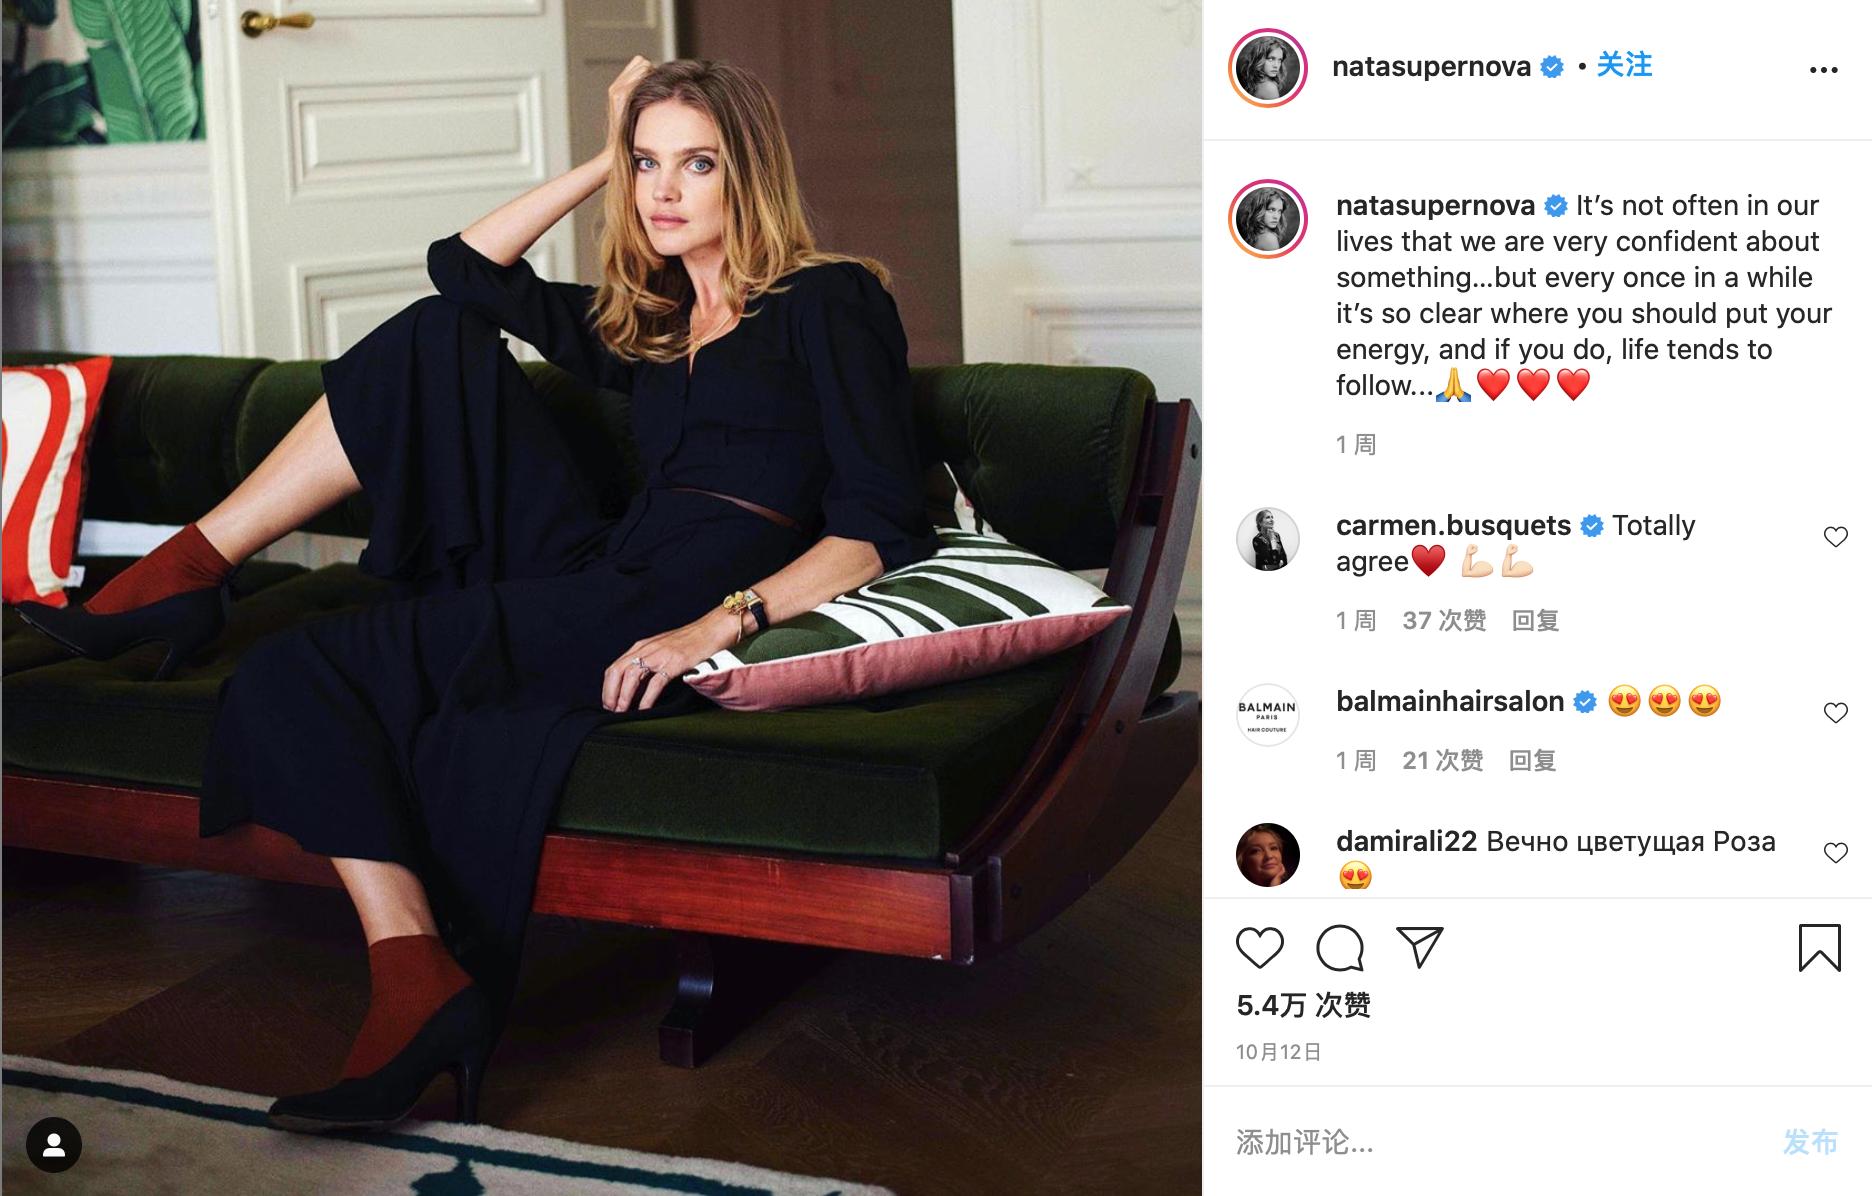 俄罗斯超模兼慈善家 Natalia Vodianova 新身份:天使投资人